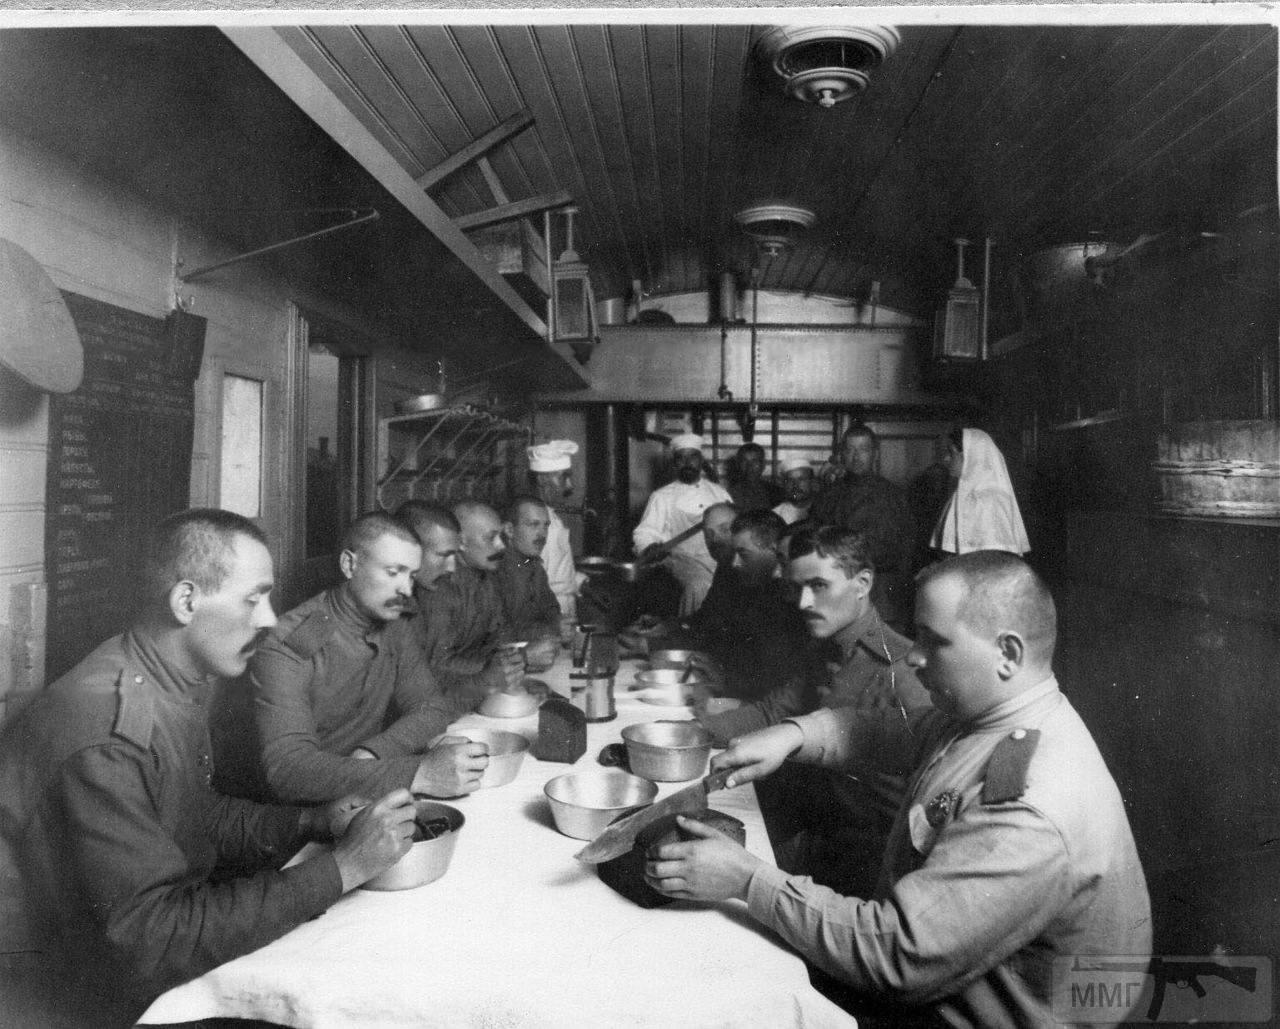 55751 - Военное фото. Восточный и итальянский фронты, Азия, Дальний Восток 1914-1918г.г.